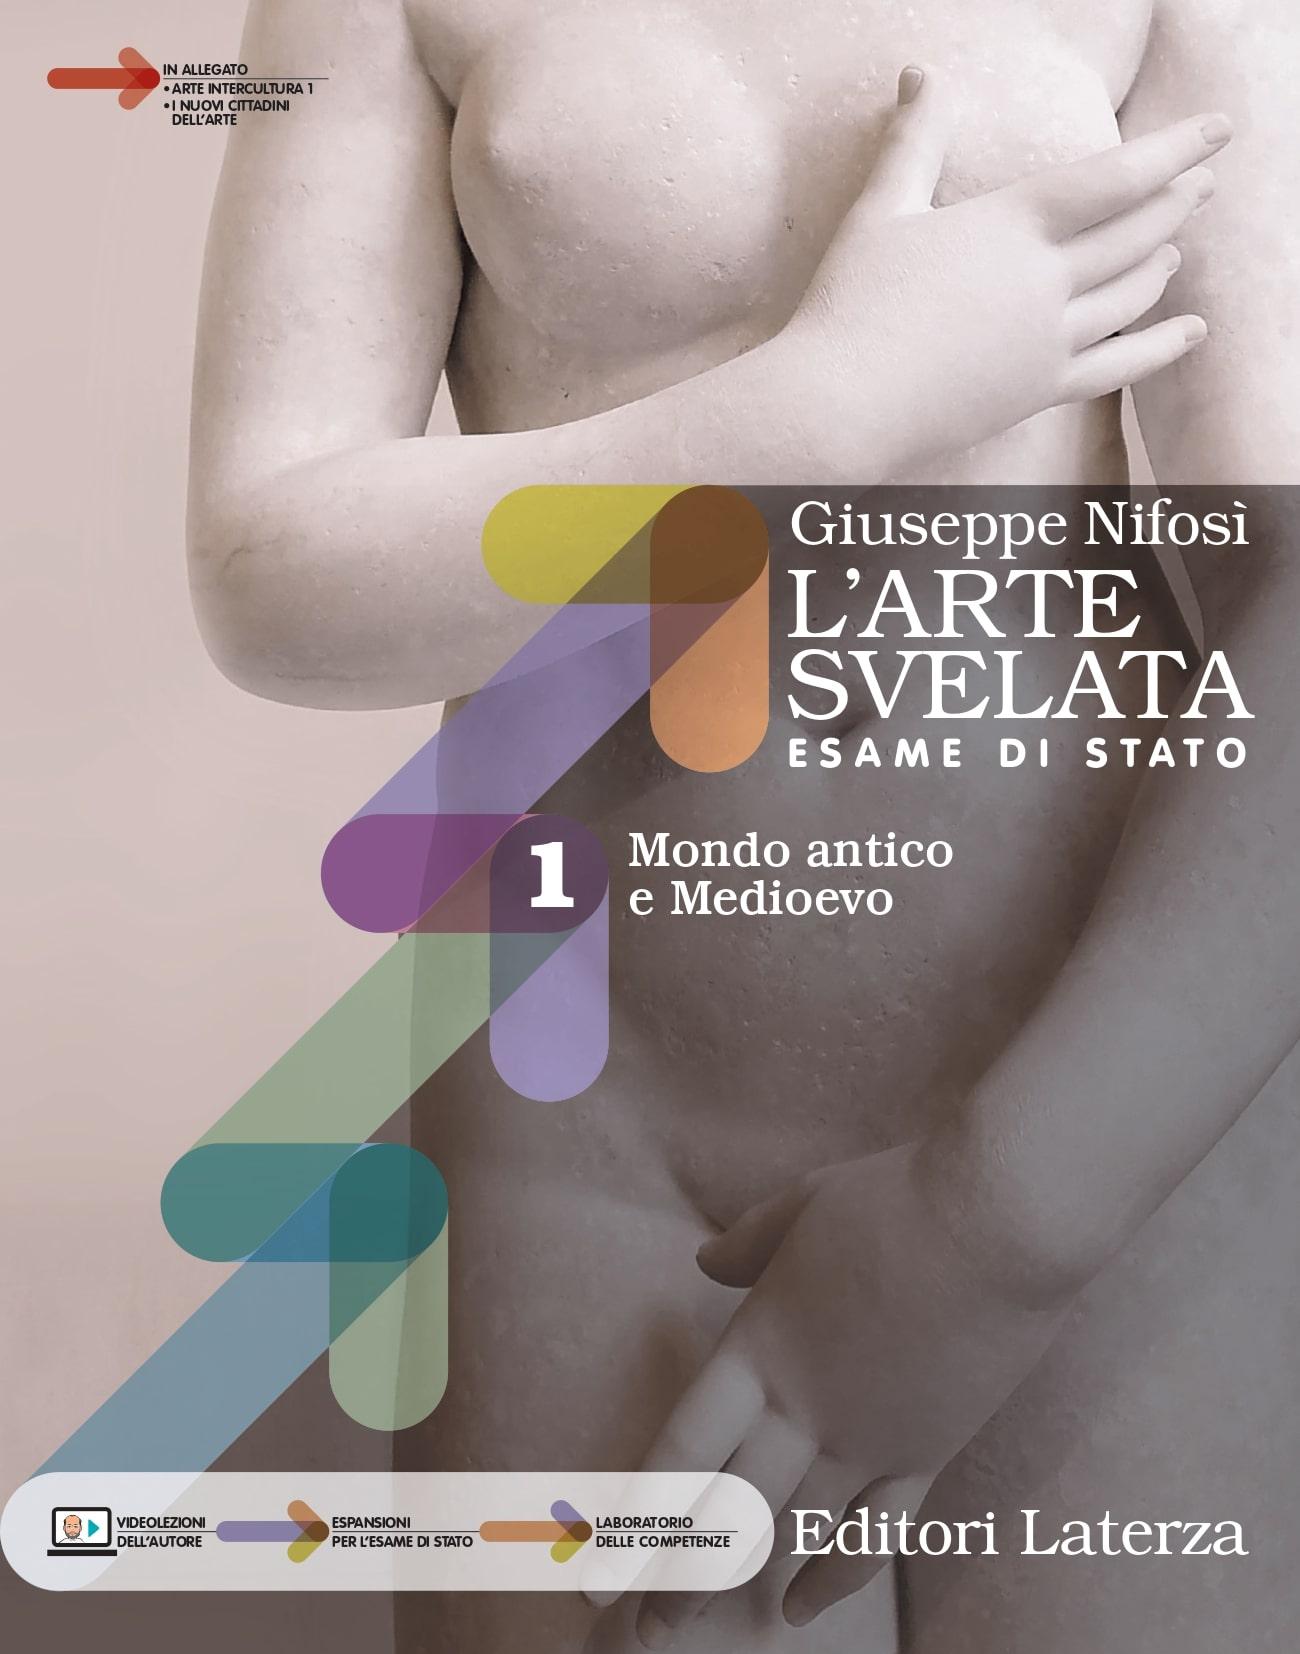 Copertina del libro L'arte svelata di Giuseppe Nifosì